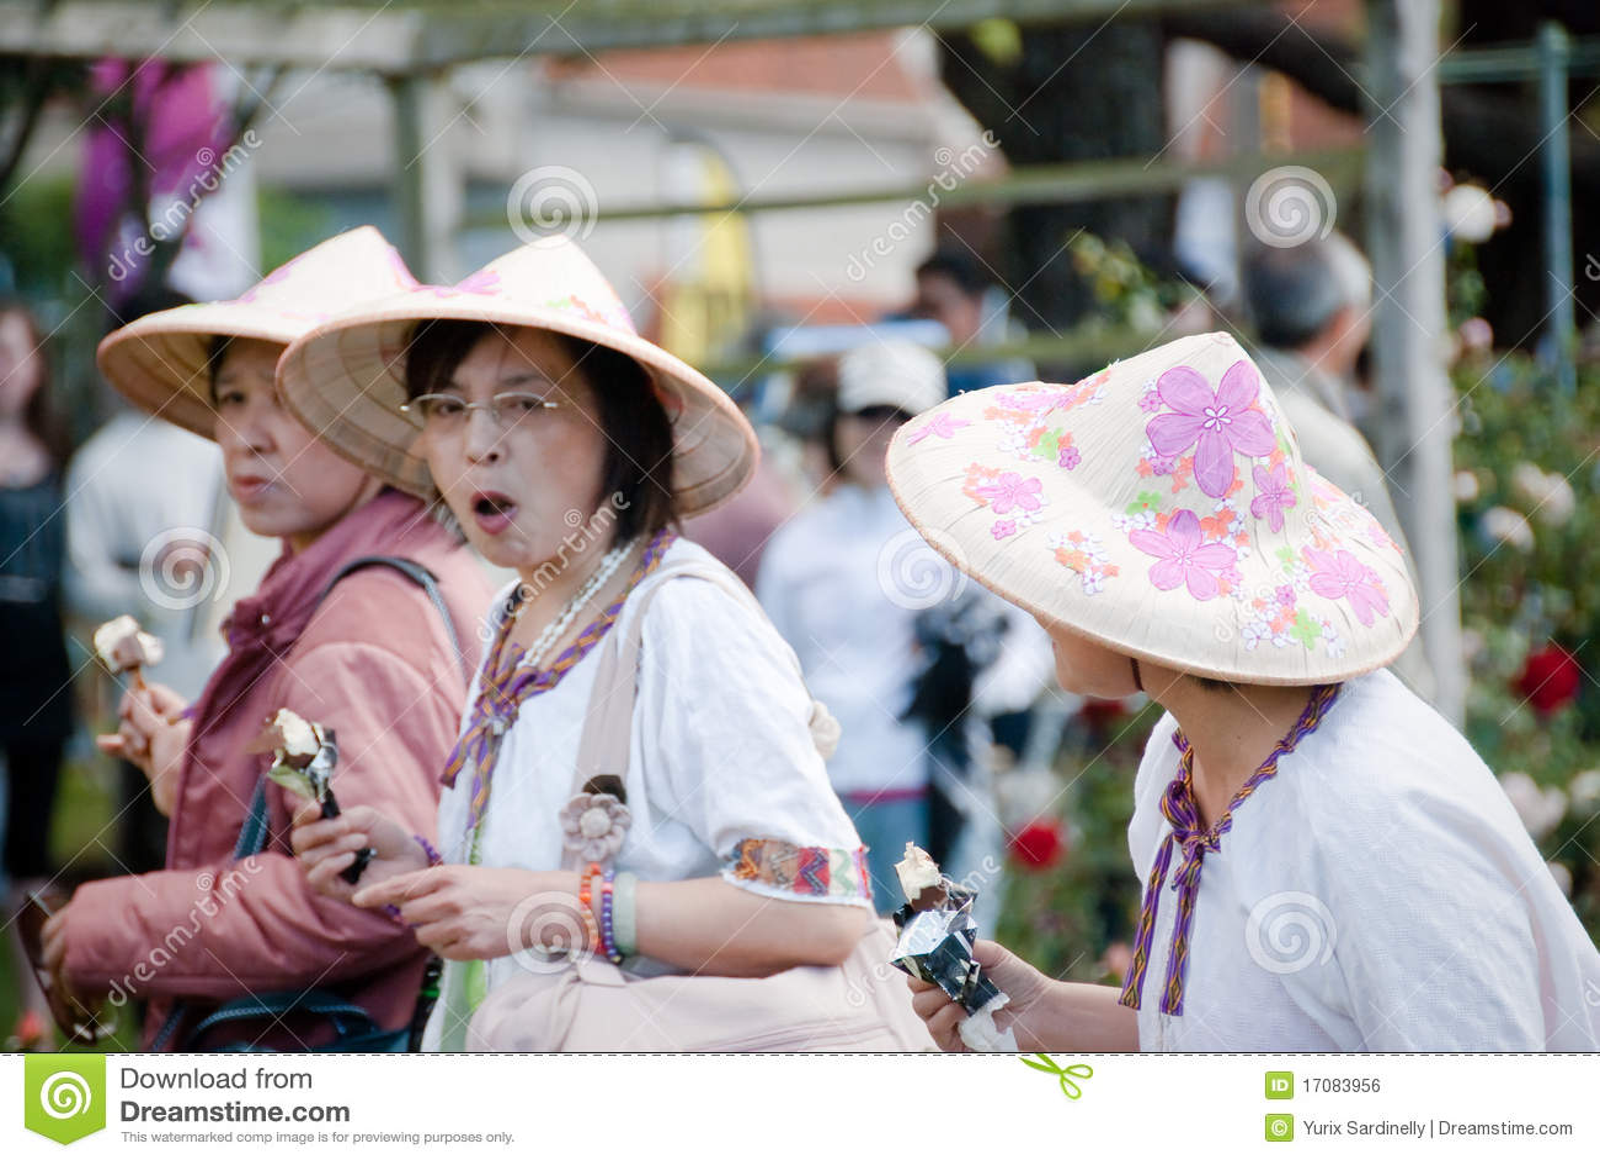 Asiatisches buntes Hats.Festival von Roses.Auckland.NZ